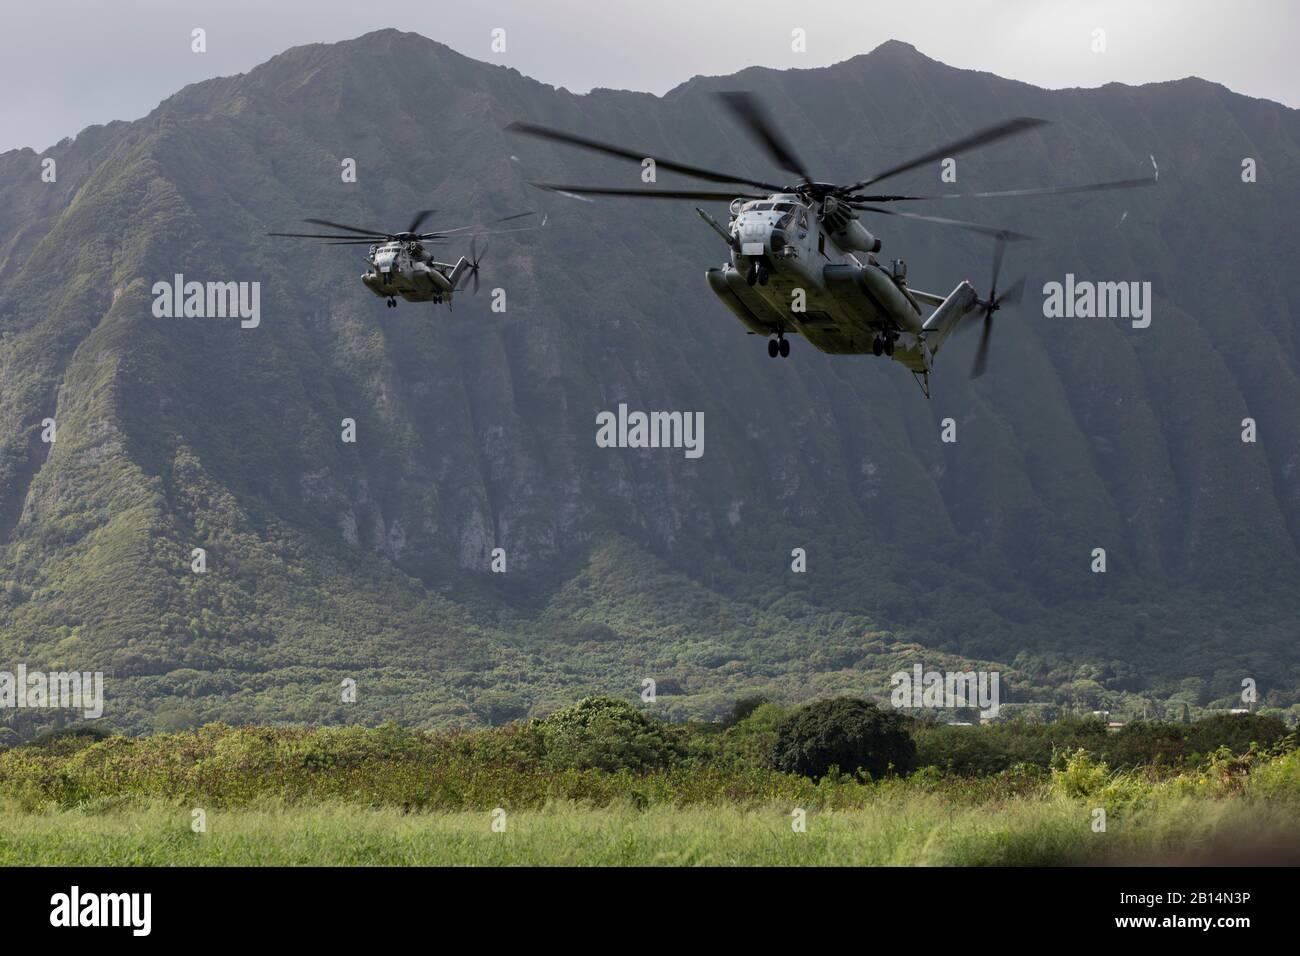 U.S. Marine Corps CH-53E Super Stallions, die der Marine Heavy Helicopter Squadron (HMH) 463 zugeordnet sind, bereiten sich während einer Hubschraubereinführungsübung im Marine Corps Training Area Bellows (MCTAB), Hawaii, am 18. September 2018 auf Land und Absetzung von US Marineinfanterieherien mit der India Company, 3rd Battalion, 3rd Marine Regiment, vor. Das Unternehmen wurde mit CH-53E Super Hengstes in MCTAB eingesetzt, um eine sichere Landezone zu schaffen, über Straßen und durch Dschungelgelände zu patrouillieren und simulierte Dörfer von Hostiles zu löschen. (USA Foto des Marine Corps von Sgt. Jesus Sepulveda Torres) Stockfoto